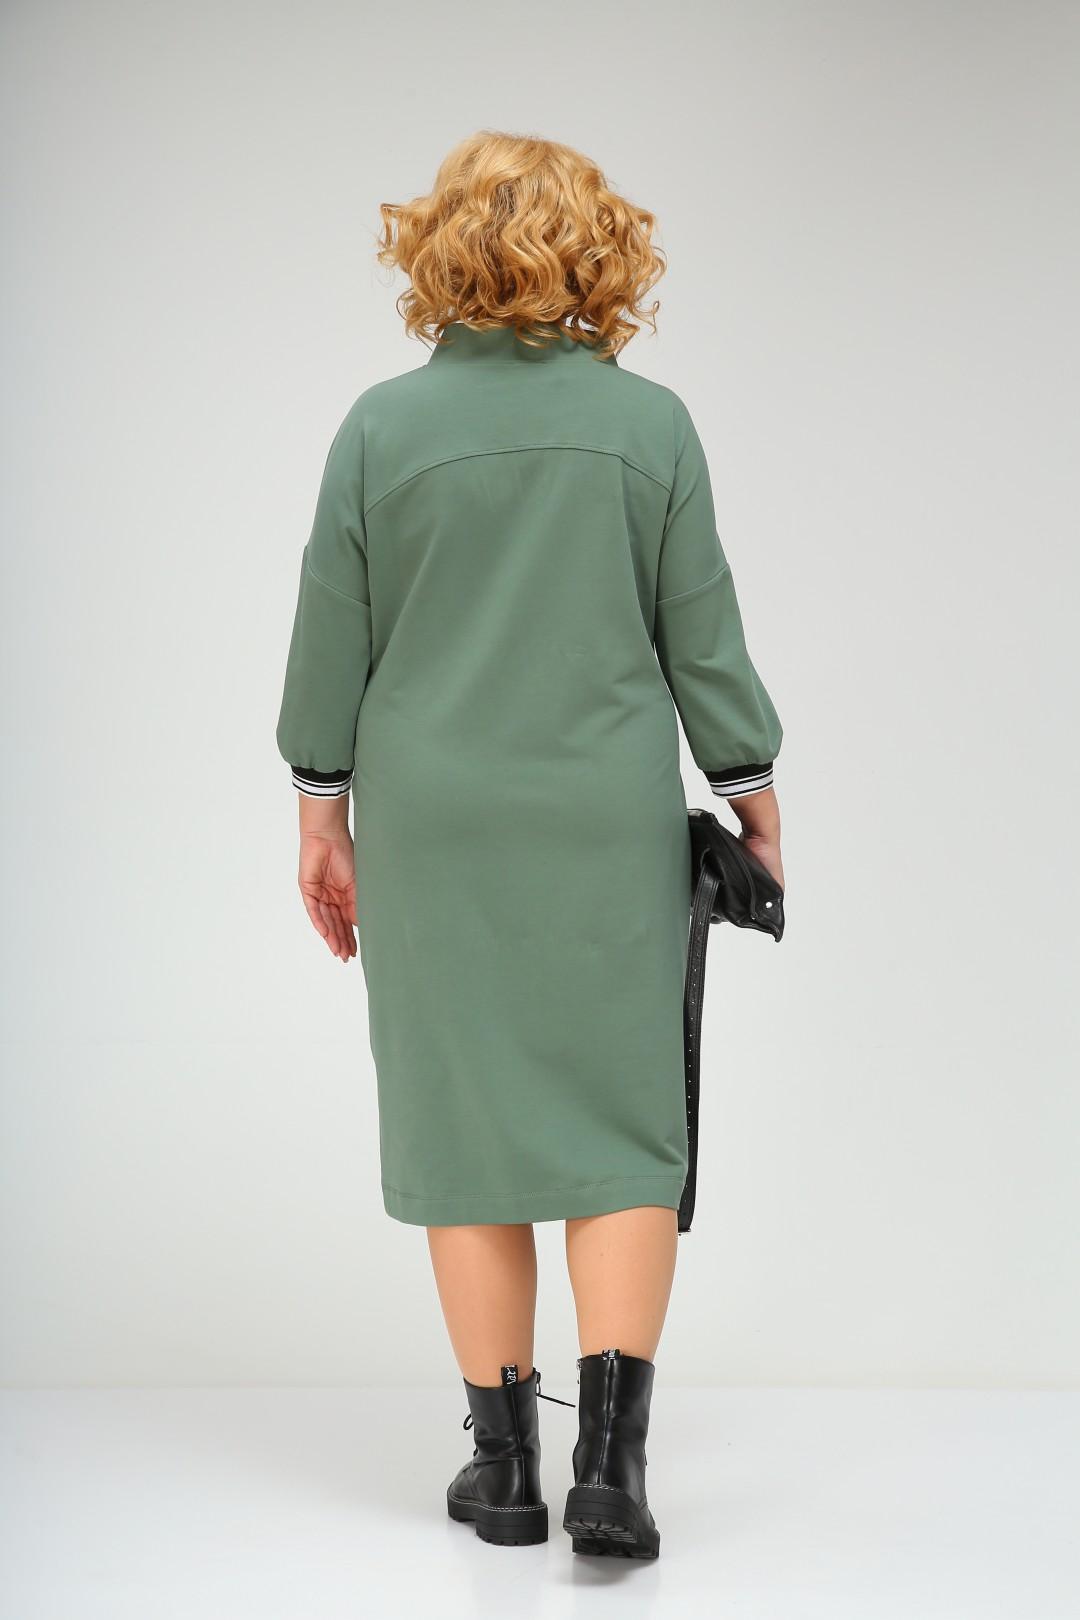 Платье Ивелта плюс ИВ-1758/1 зеленый